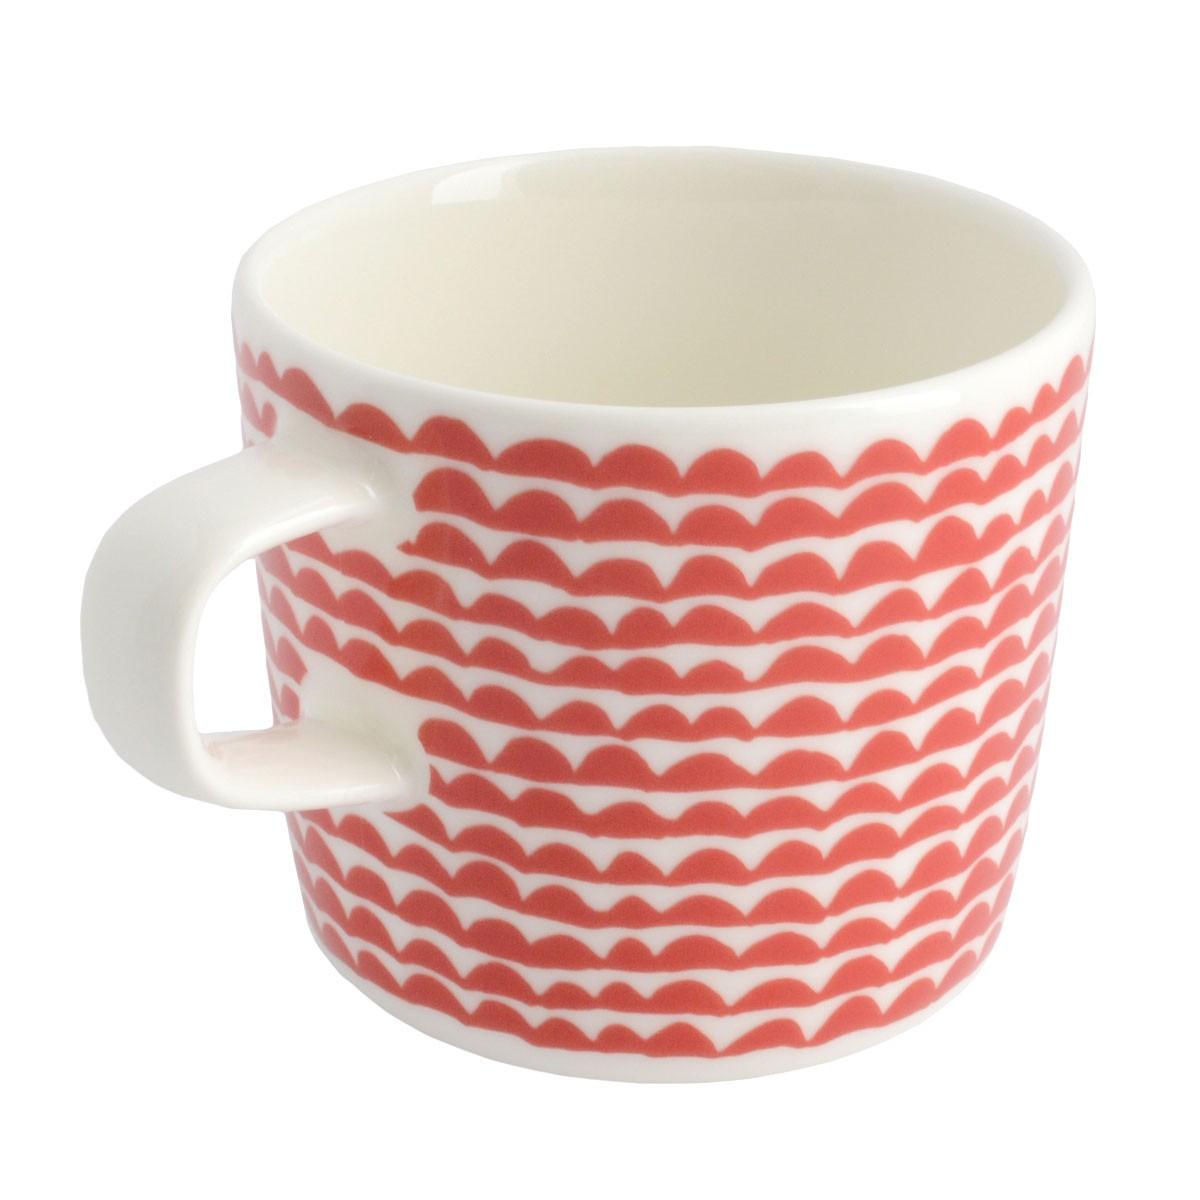 マリメッコ marimekko 067493 130 white/red PAPAJO GLOGG CUP 200ml グロッギカップ コーヒーカップ